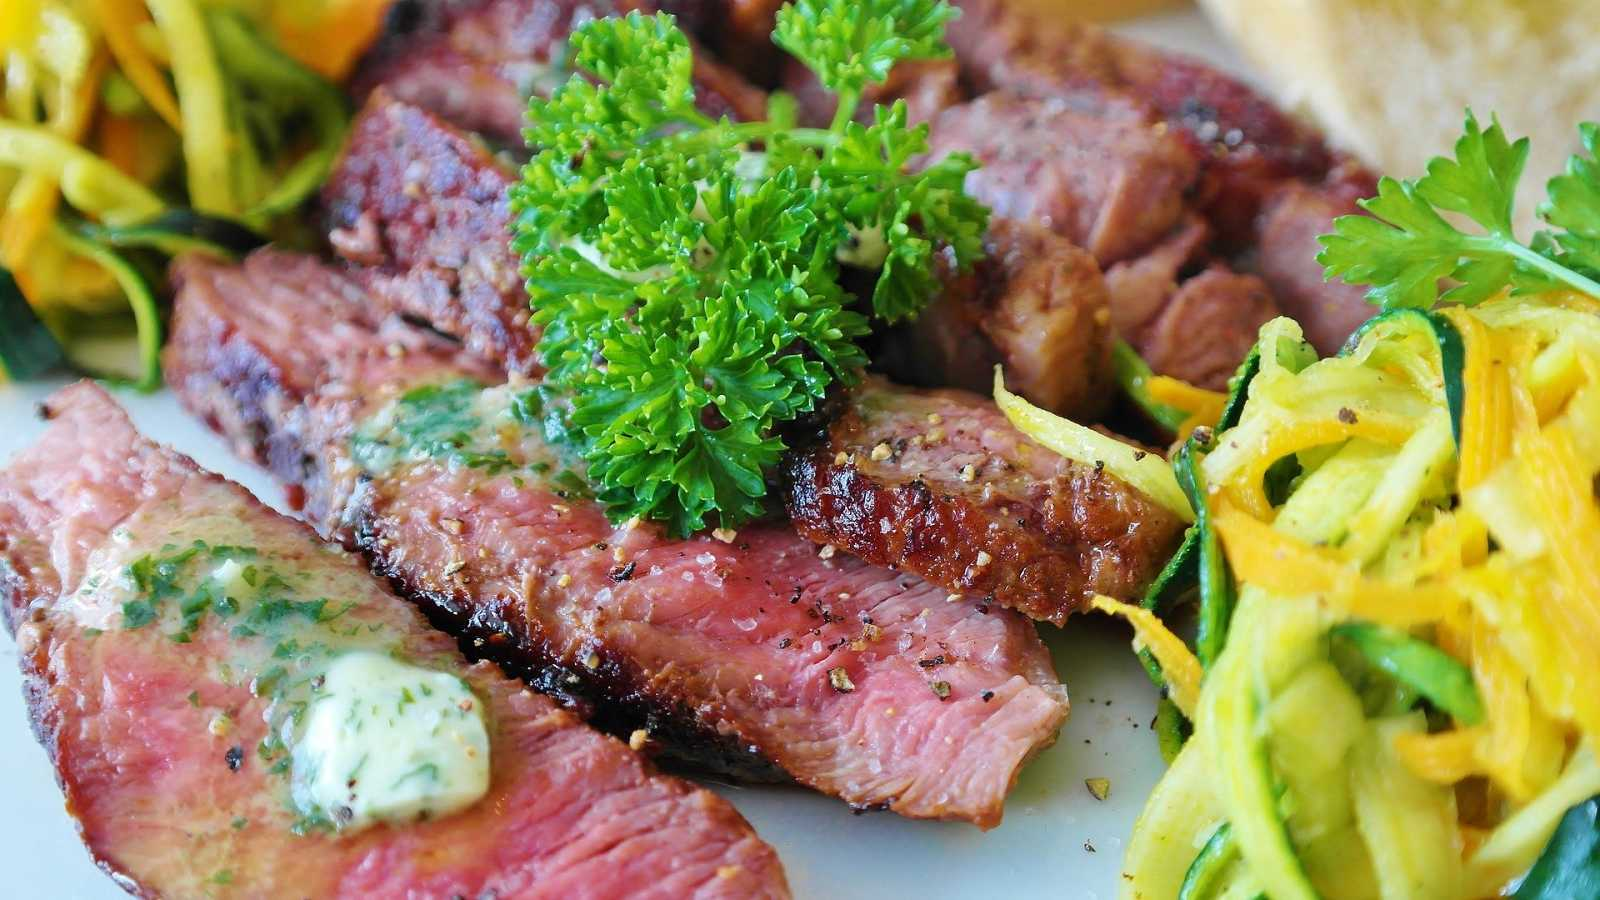 A su salud -  La carne en la salud cardiovascular - 02/12/20 - Escuchar ahora